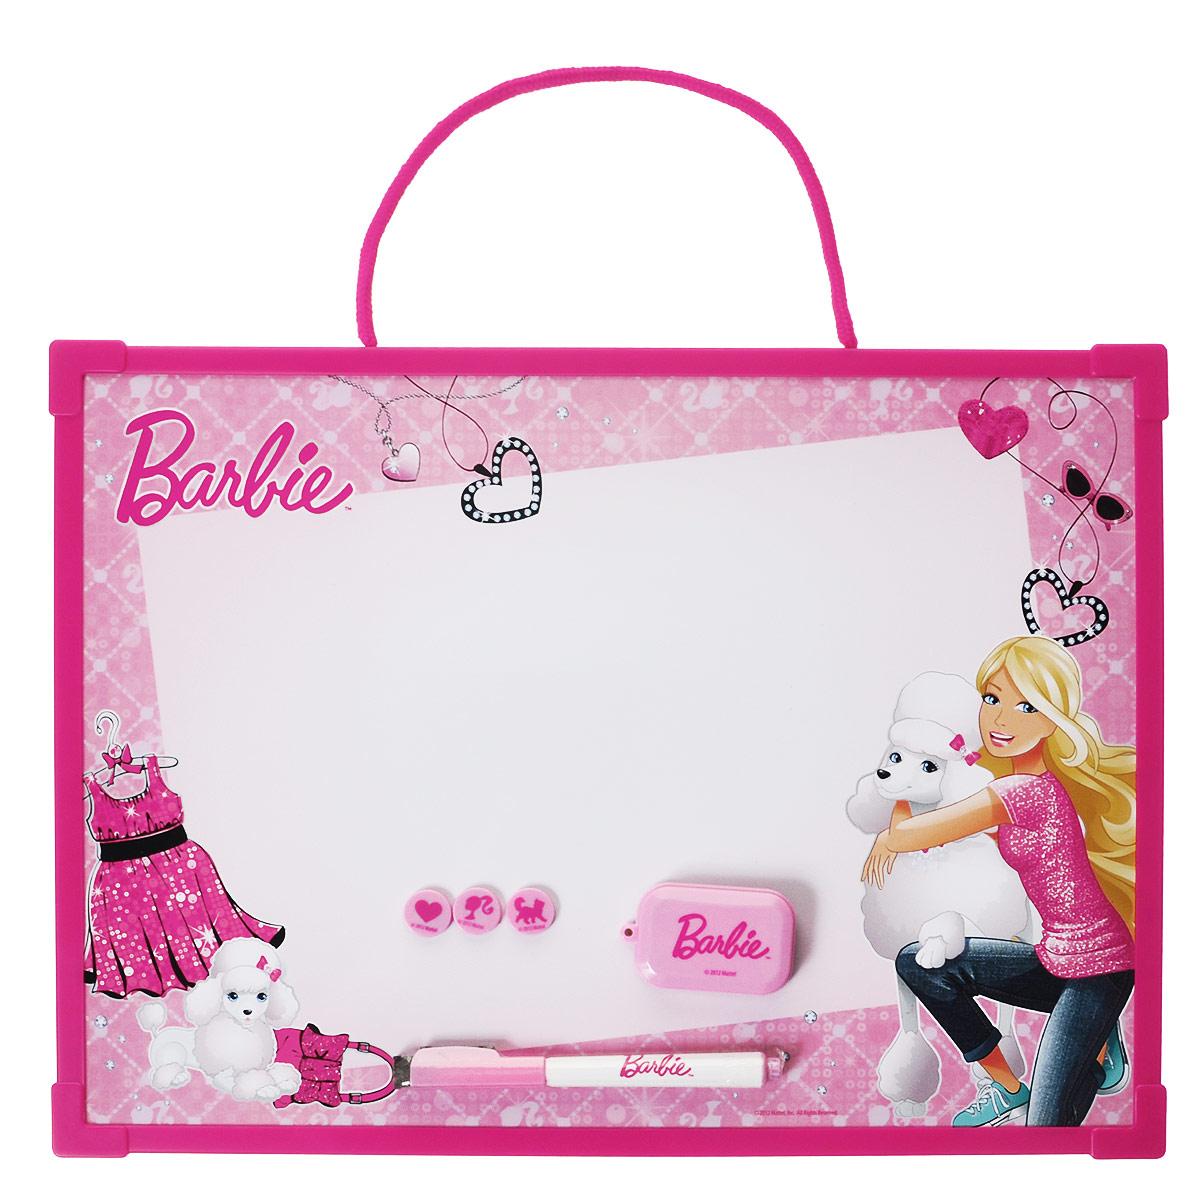 Доска магнитно-маркерная Barbie, цвет: ярко-розовый, с аксессуарамиBRAB-US1-Z150098Магнитно-маркерная доска Barbie - прекрасный способ для развития творческих и мыслительных способностей ребенка. Края доски обрамлены пластиком, который защищает ее от повреждений. В комплекте с доской предусмотрены специальный маркер с колпачком-стеркой из фетра, три круглых магнита и специальная губка для стирания записей и рисунков. Доска оформлена изображением Барби и ее собаки и имеет удобную веревочную петлю для подвешивания. Чернила маркера безопасные и нетоксичные. Магнитно-маркерная доска Barbie отлично подойдет для игр и учебы.